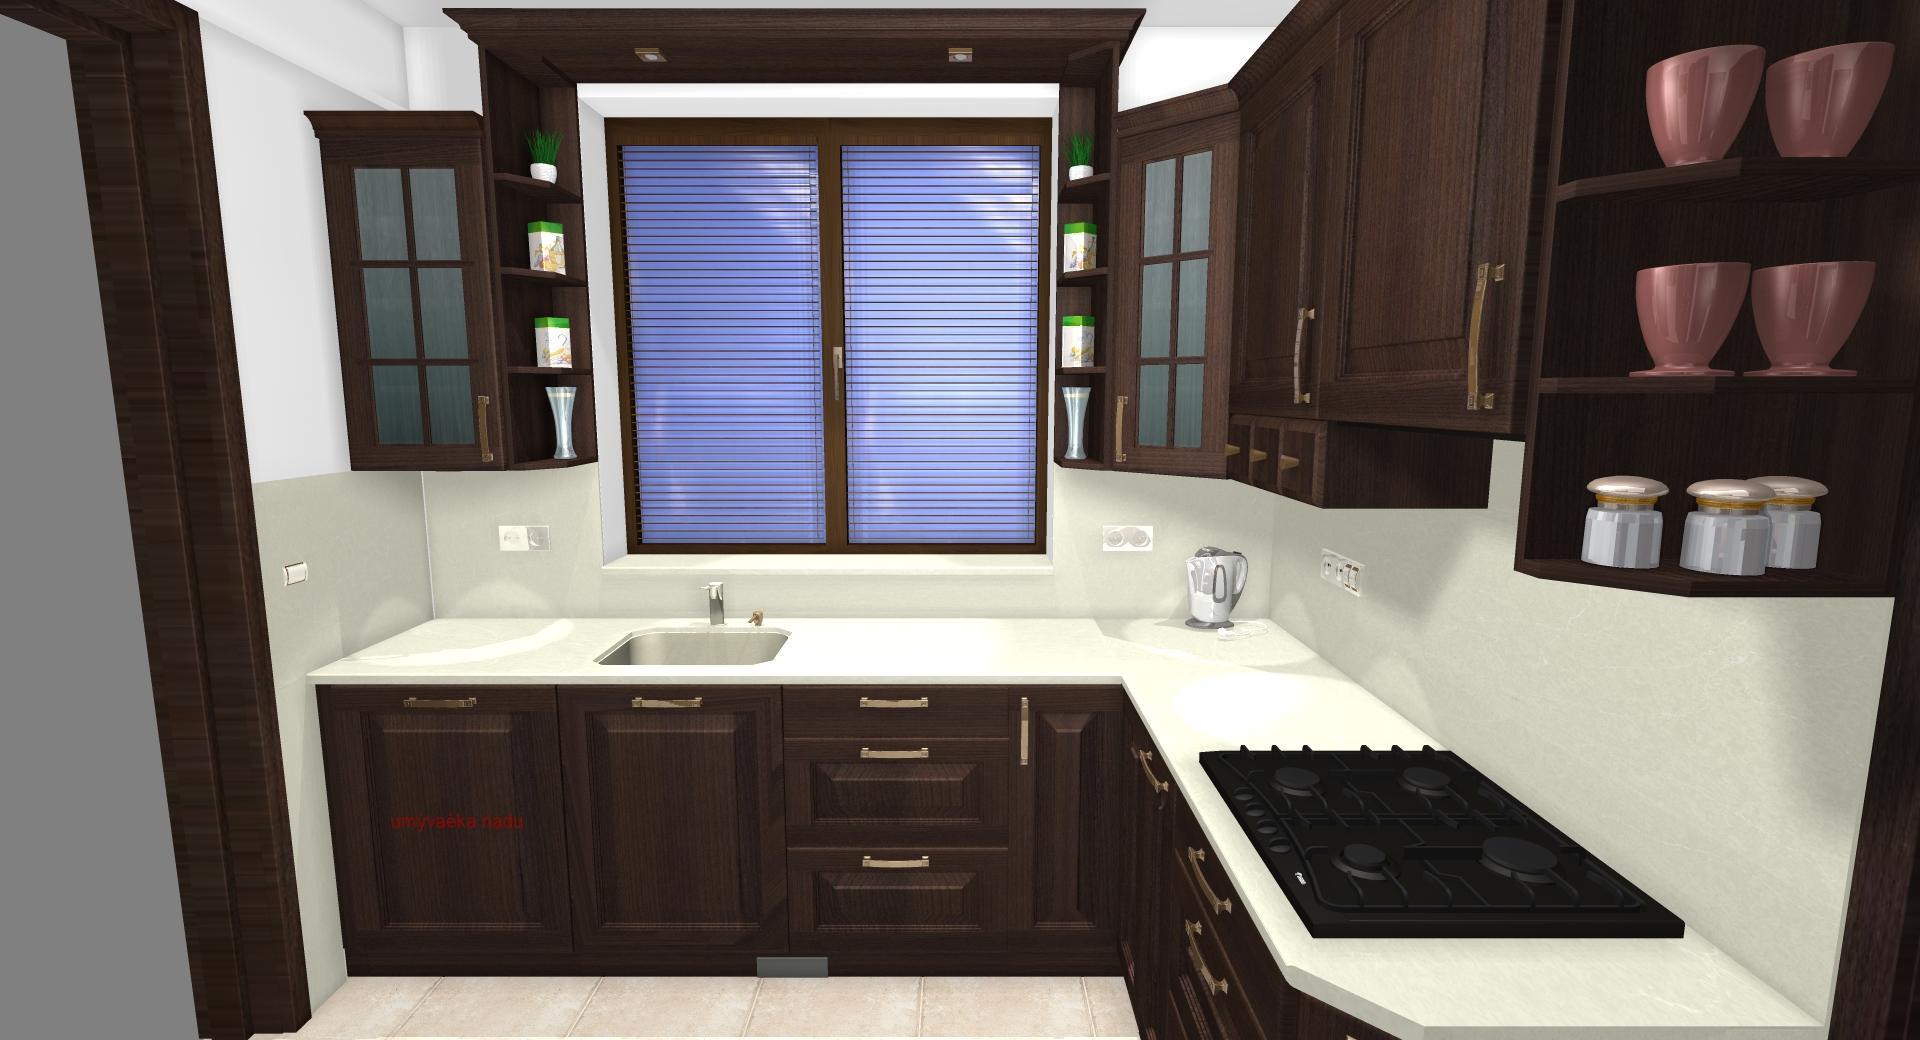 Grafické návrhy kuchynských liniek 2020 - Grafický návrh kuchynskej linky do rodinného domu v rustikálnom štýle - obr.3